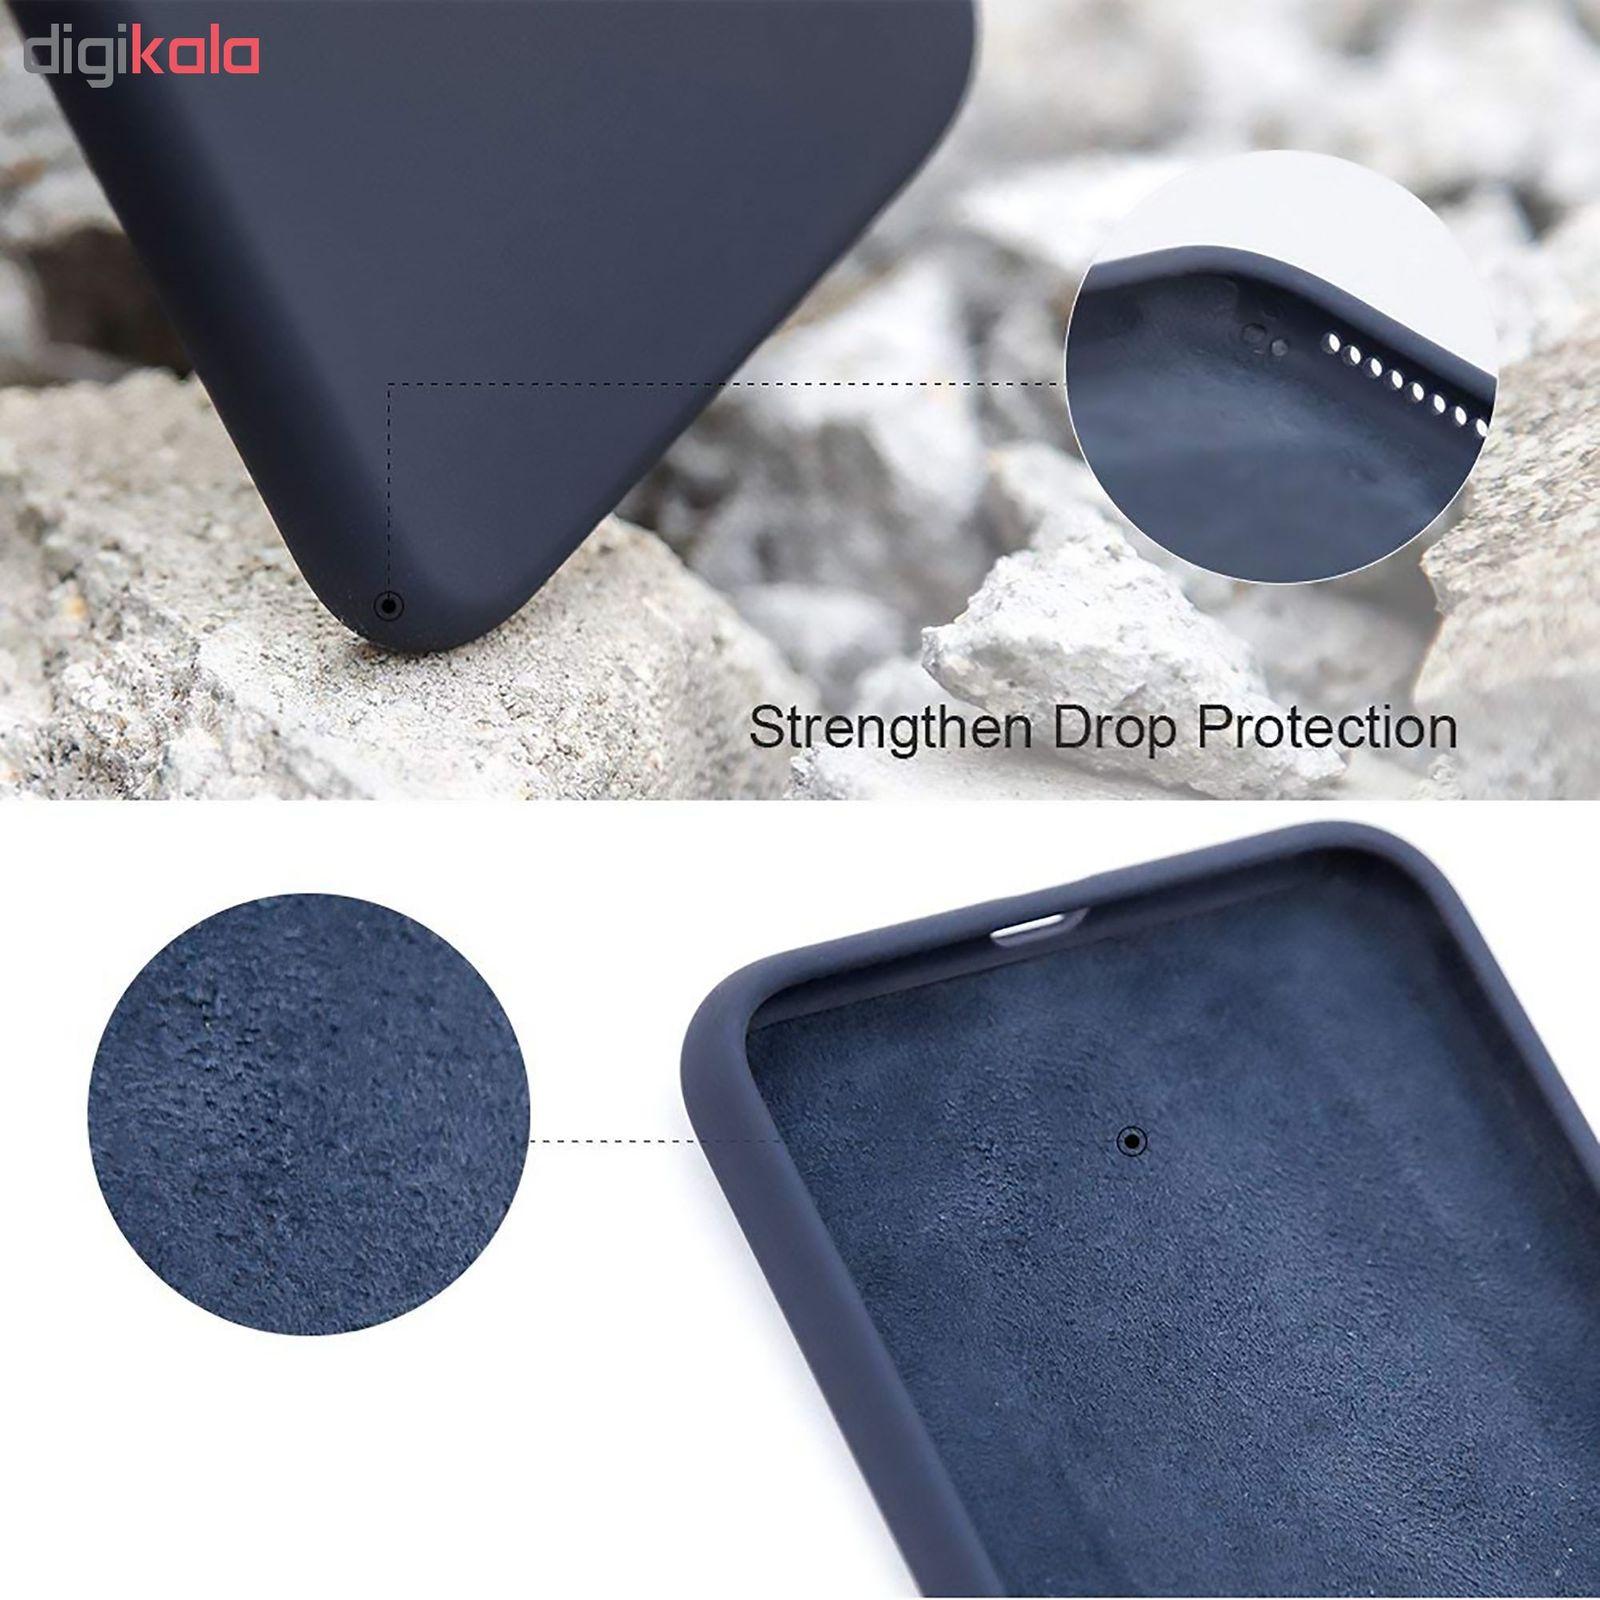 کاور مدل Silc مناسب برای گوشی موبایل اپل Iphone 8 / iphone 7 main 1 19